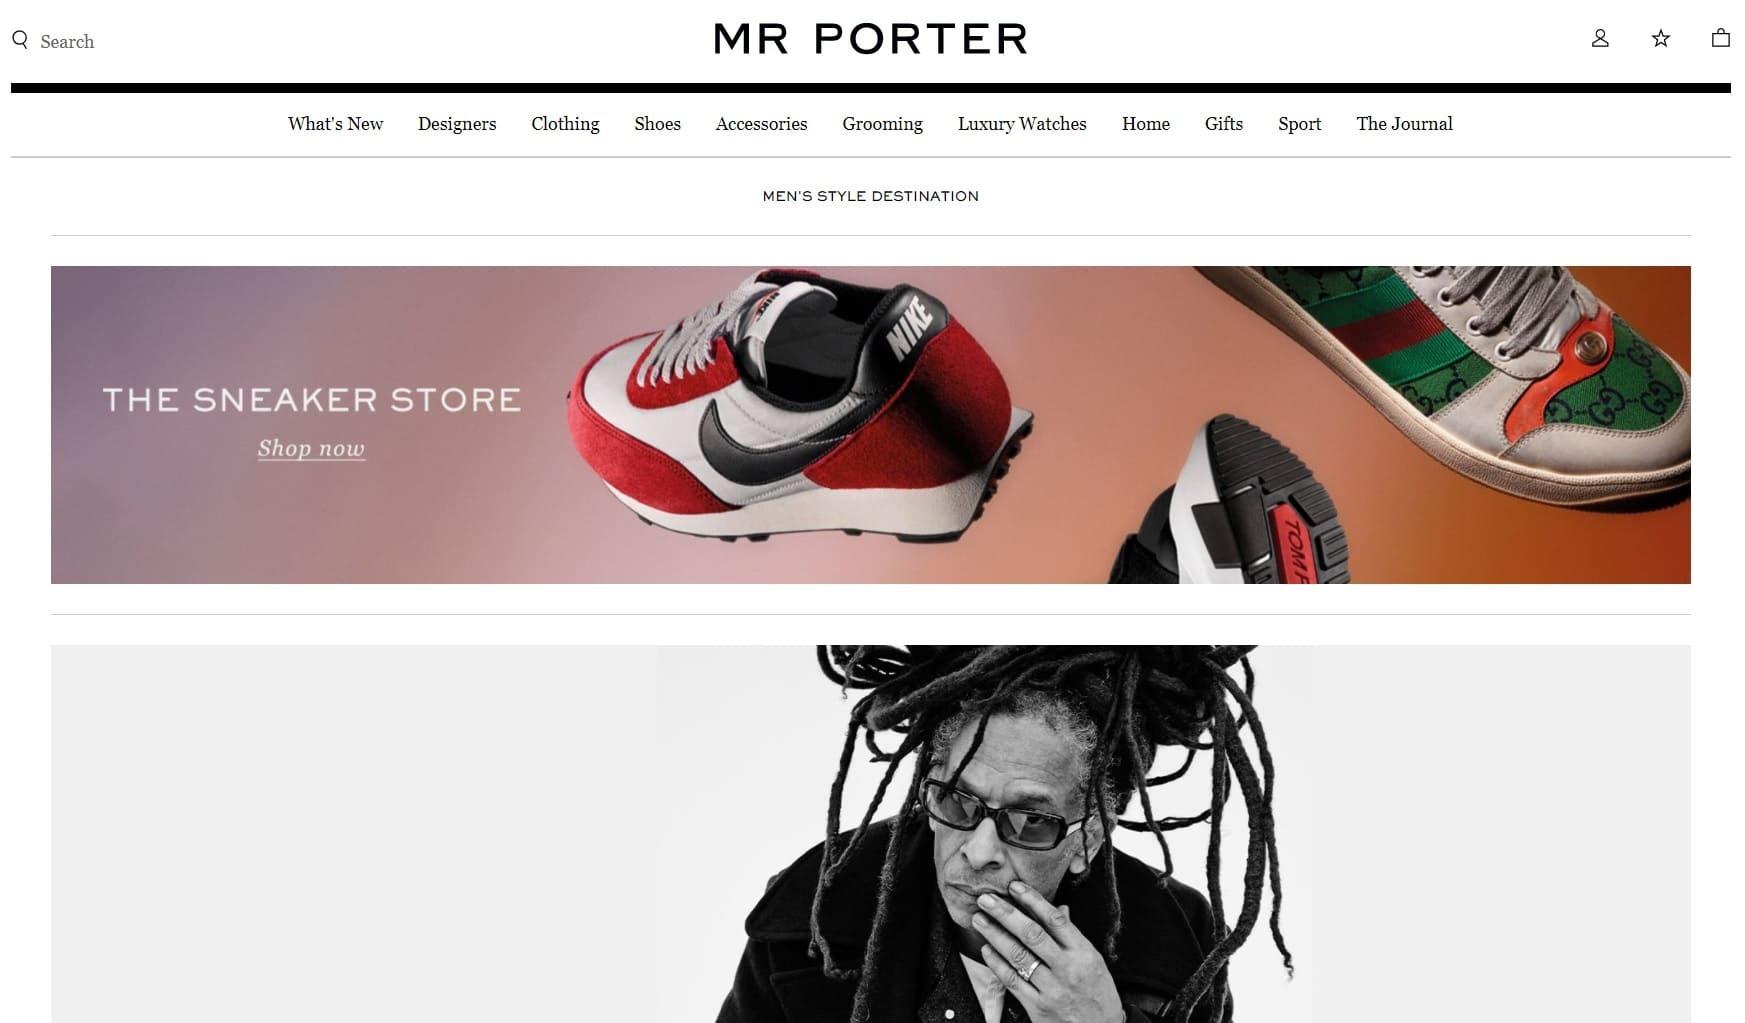 Meilleurs sites de mode homme - Mr Porter